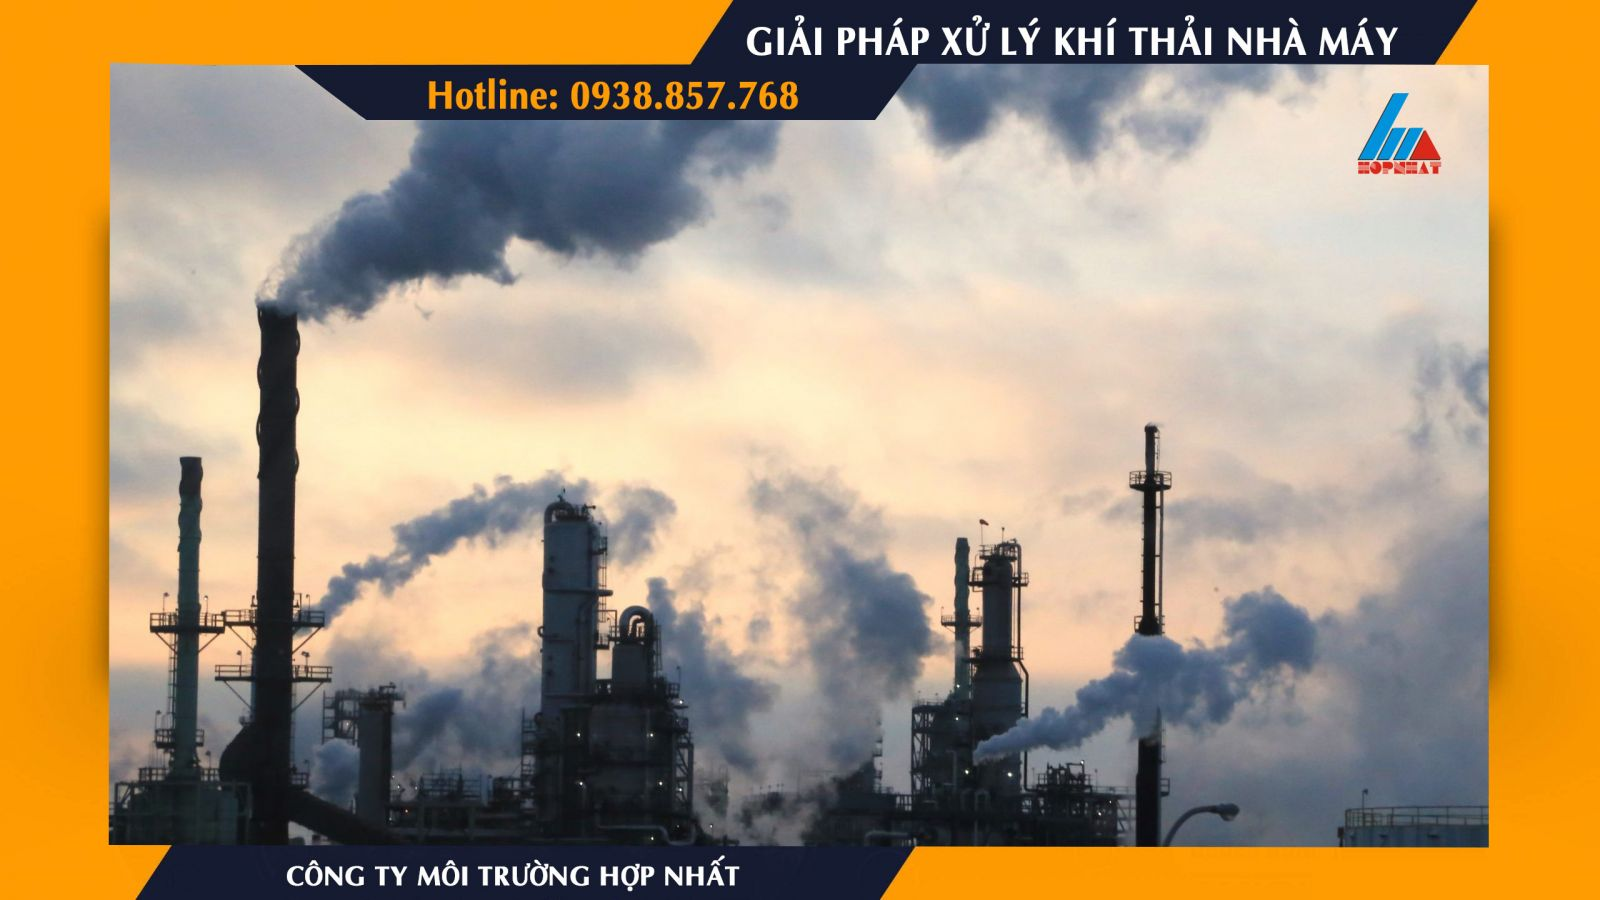 Có bao nhiêu cách xử lý khí thải nhà máy?